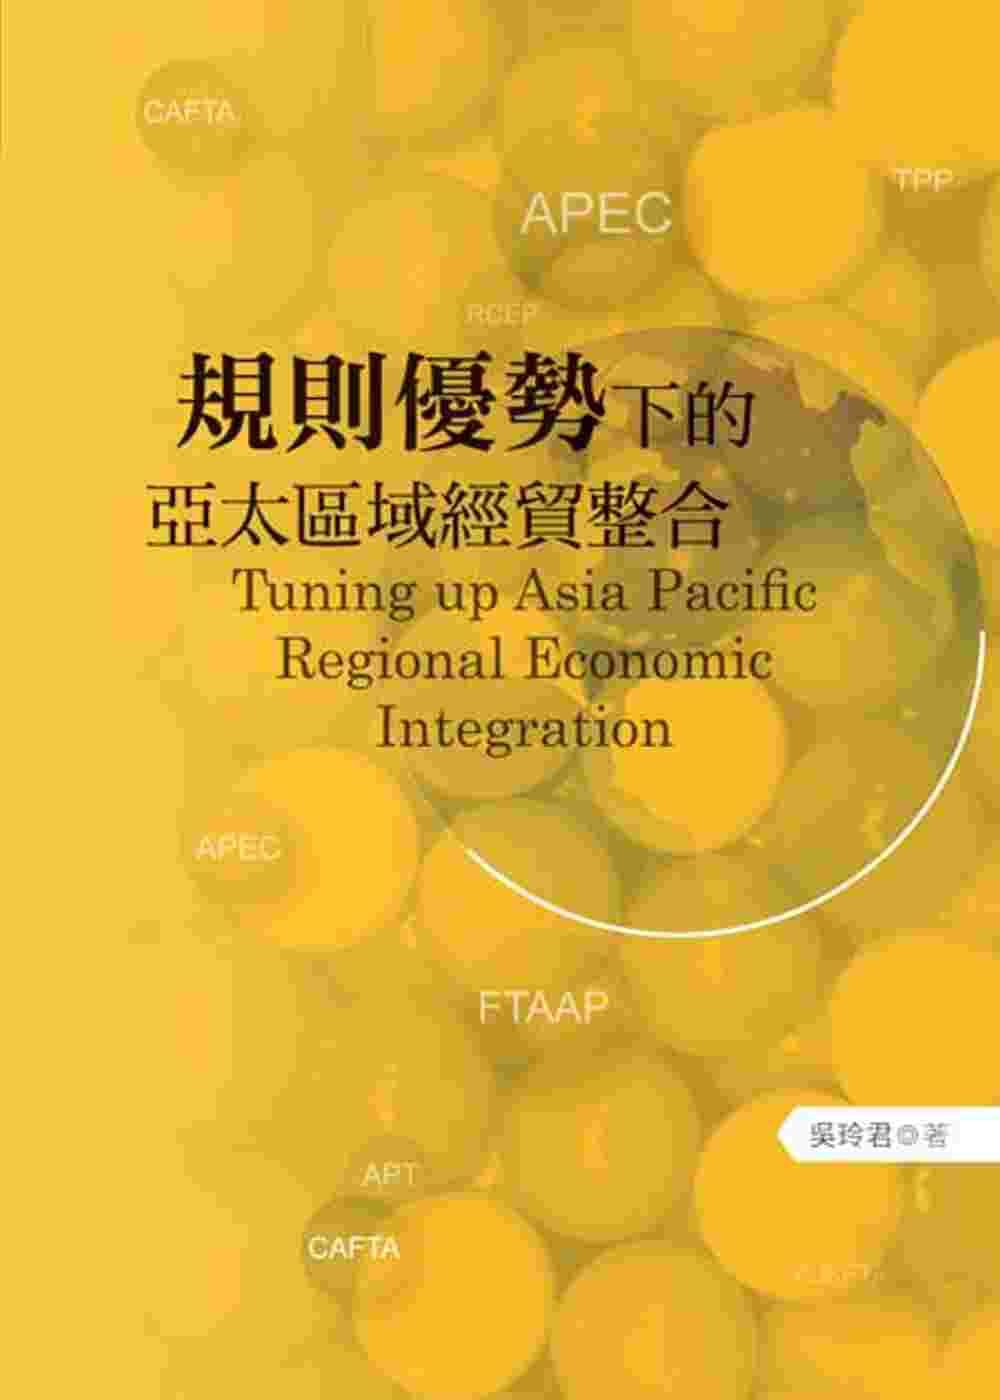 規則優勢下的亞太區域經貿整合